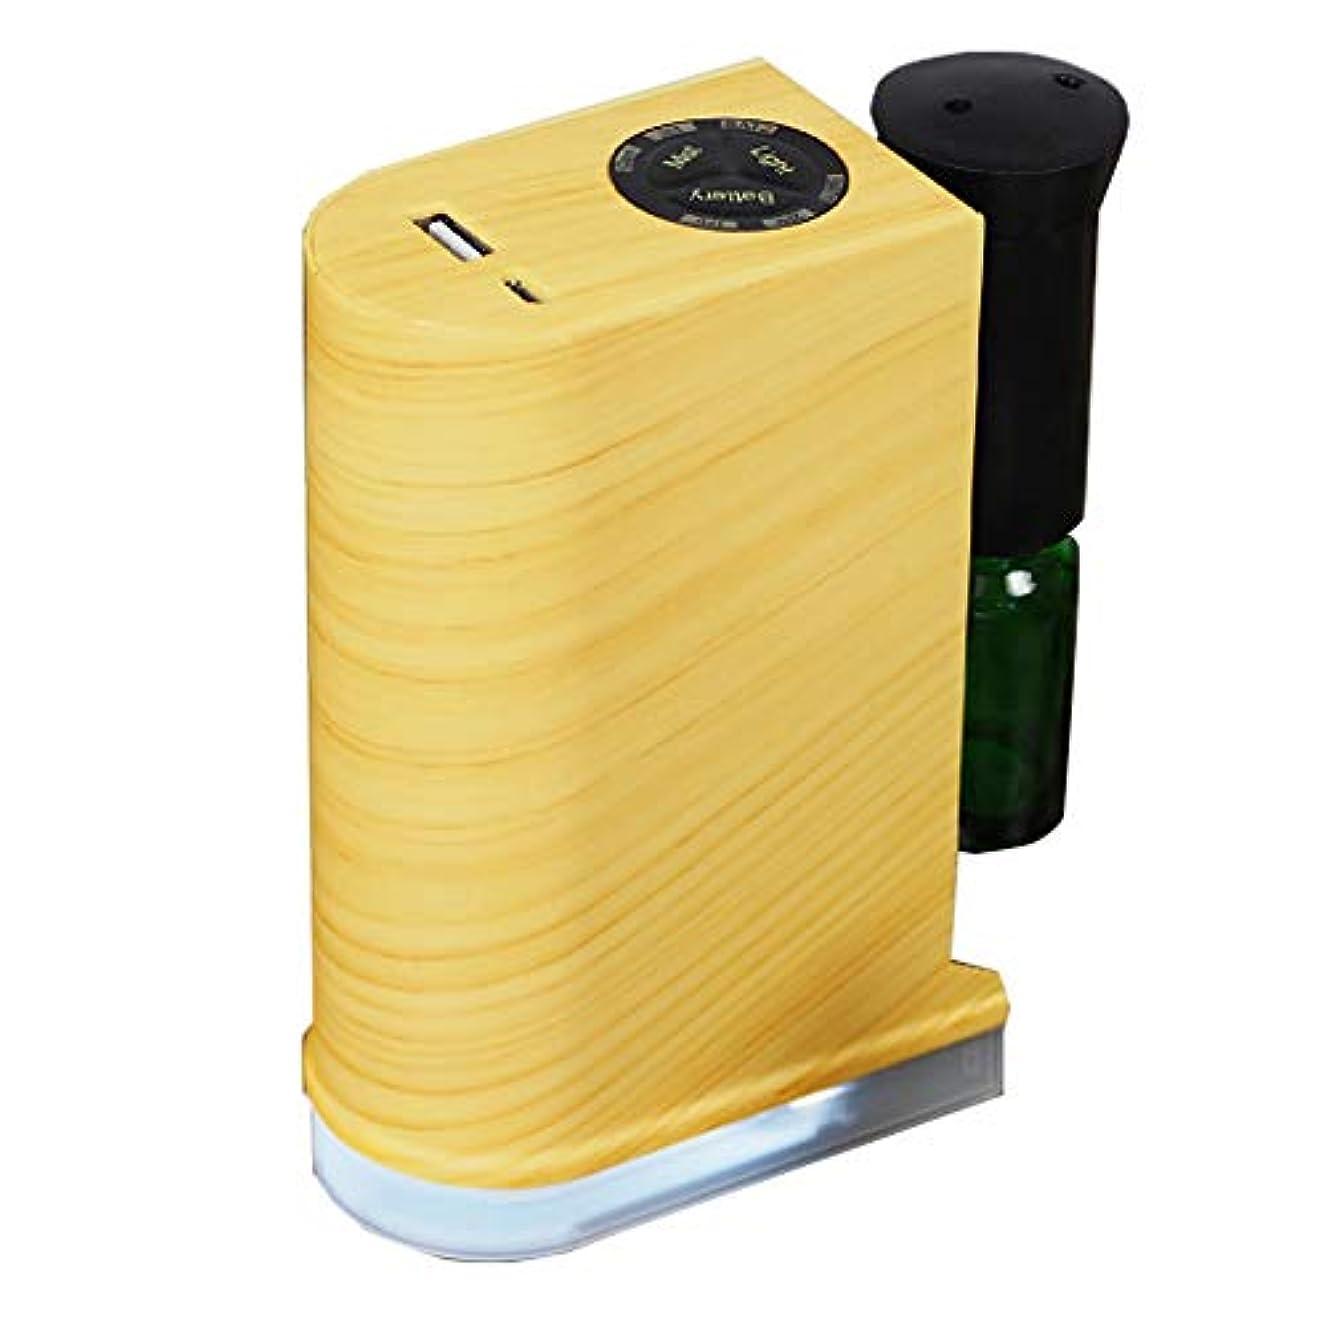 加速する吸収剤深く木目調ネブライザー式ディフューザー【ナチュラル】 / Q-001-NA / ###アロマQ-001ナ###